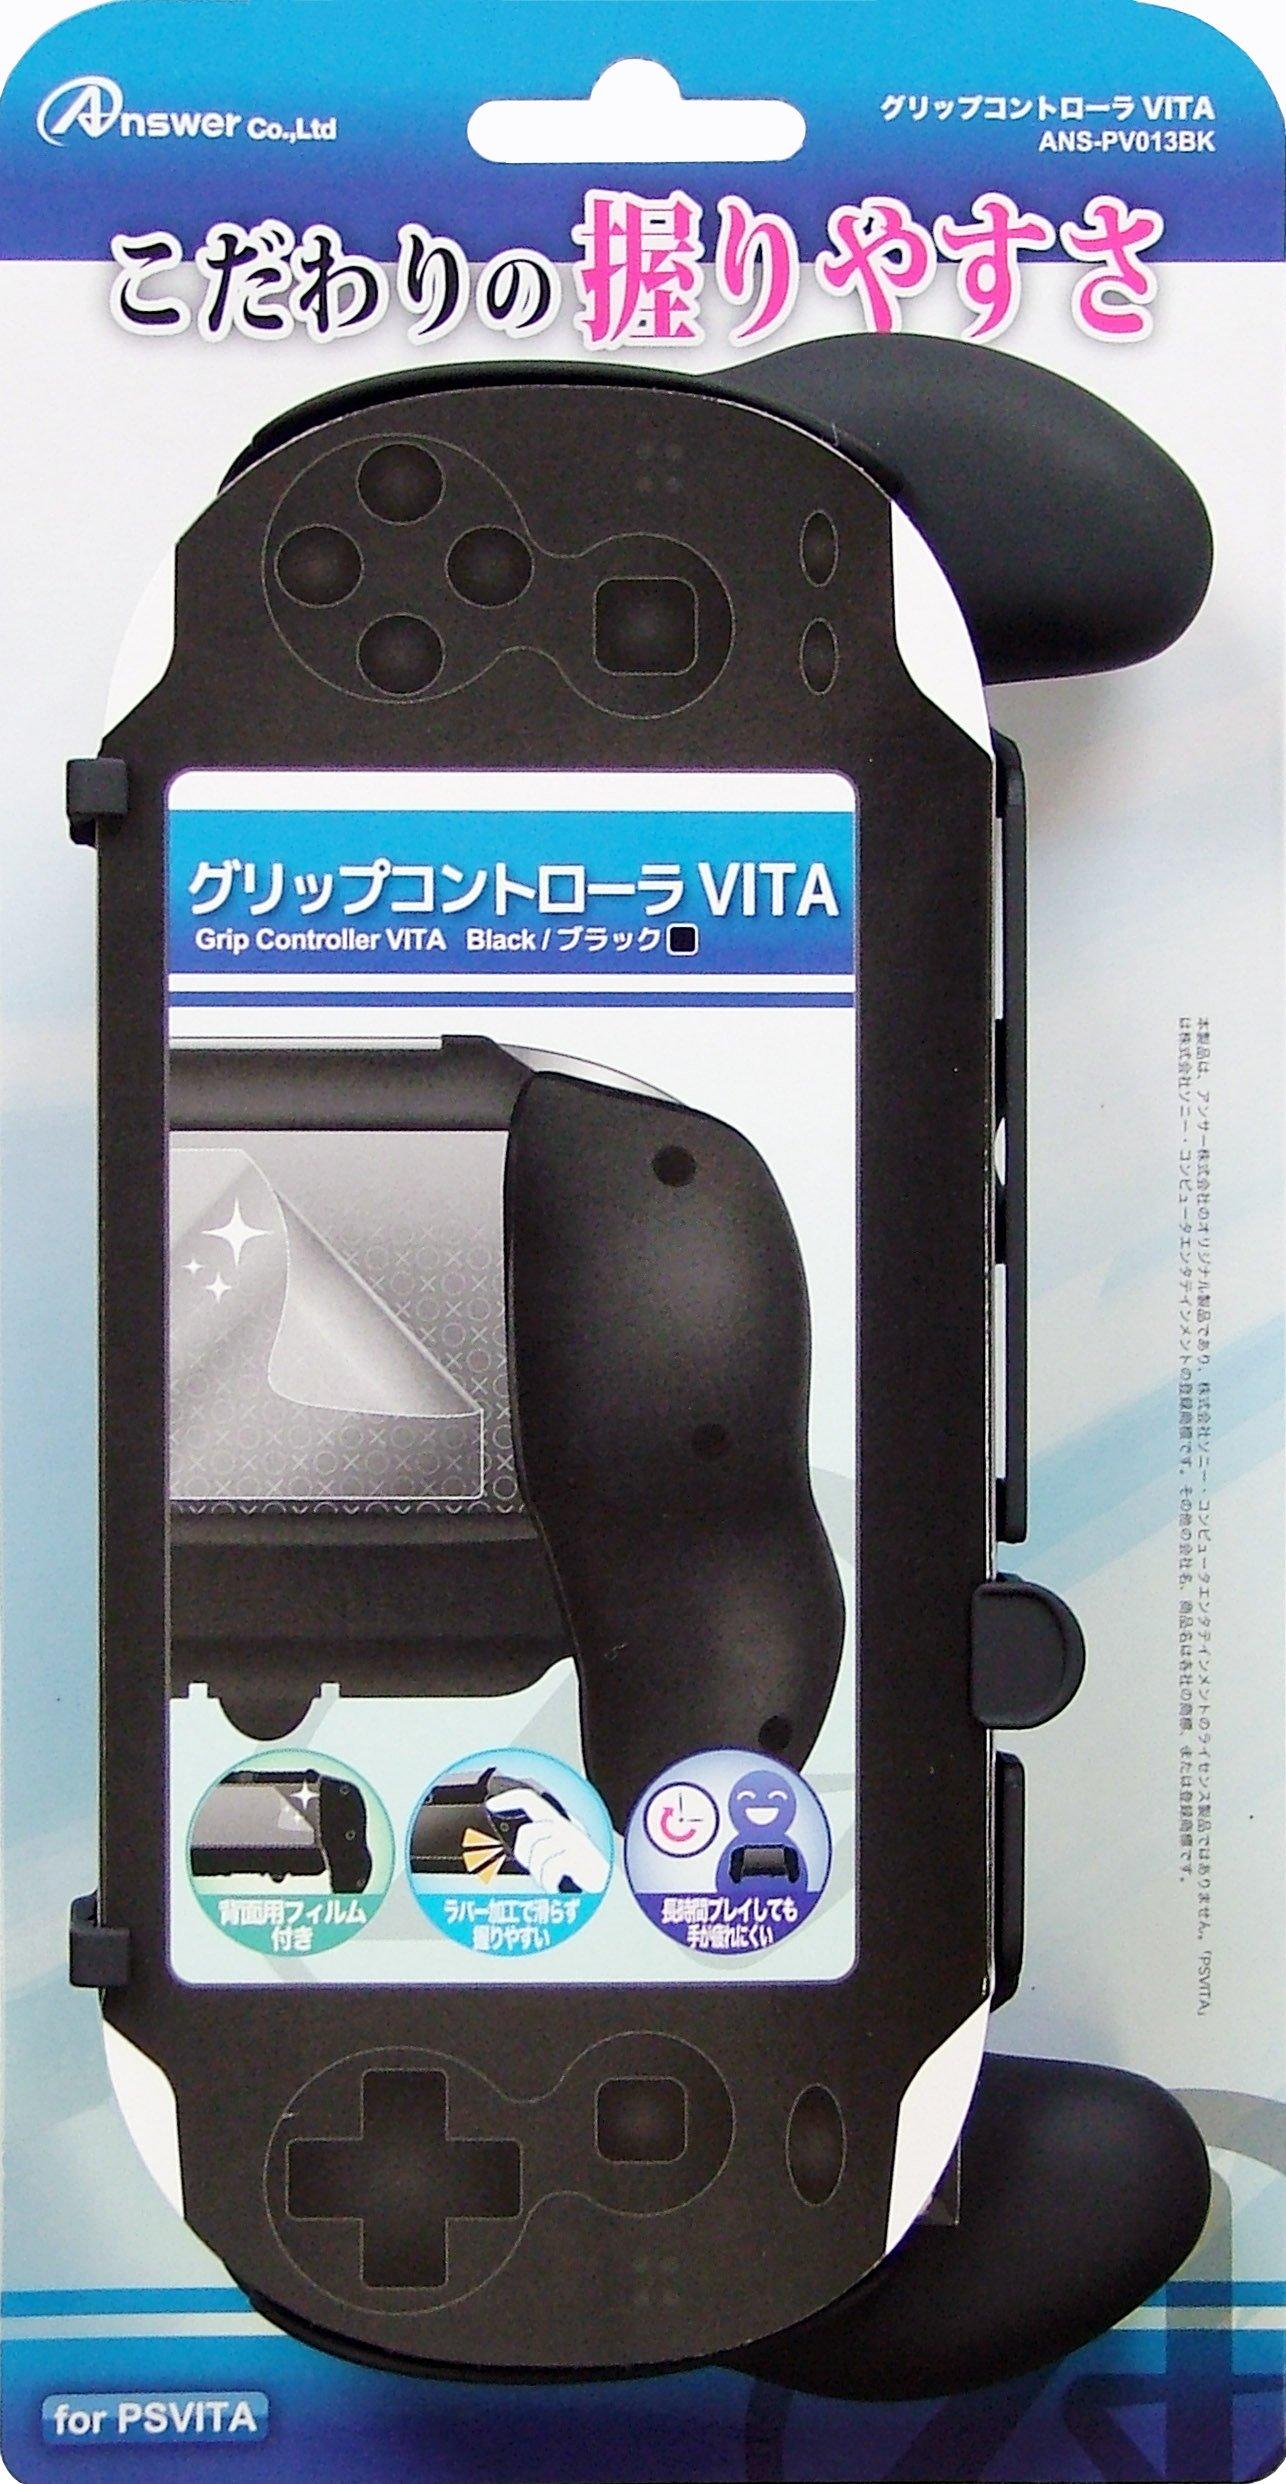 PS VITA用『グリップコントローラVITA』(ブラック)